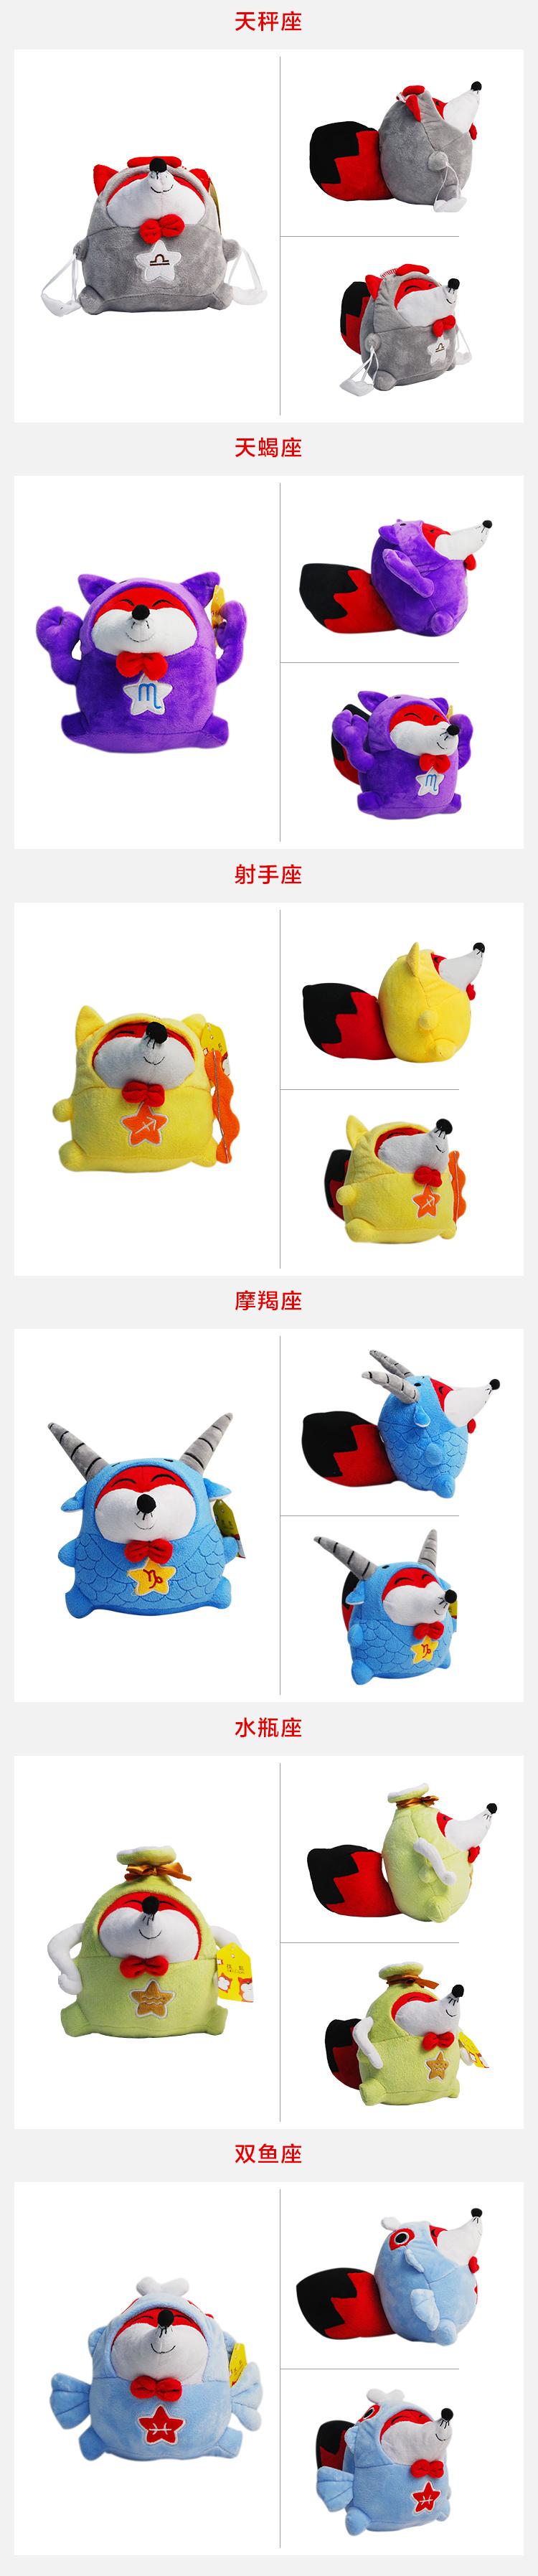 查看《搜狐十二星座毛绒狐狸玩具设计》原图,原图尺寸:750x3590